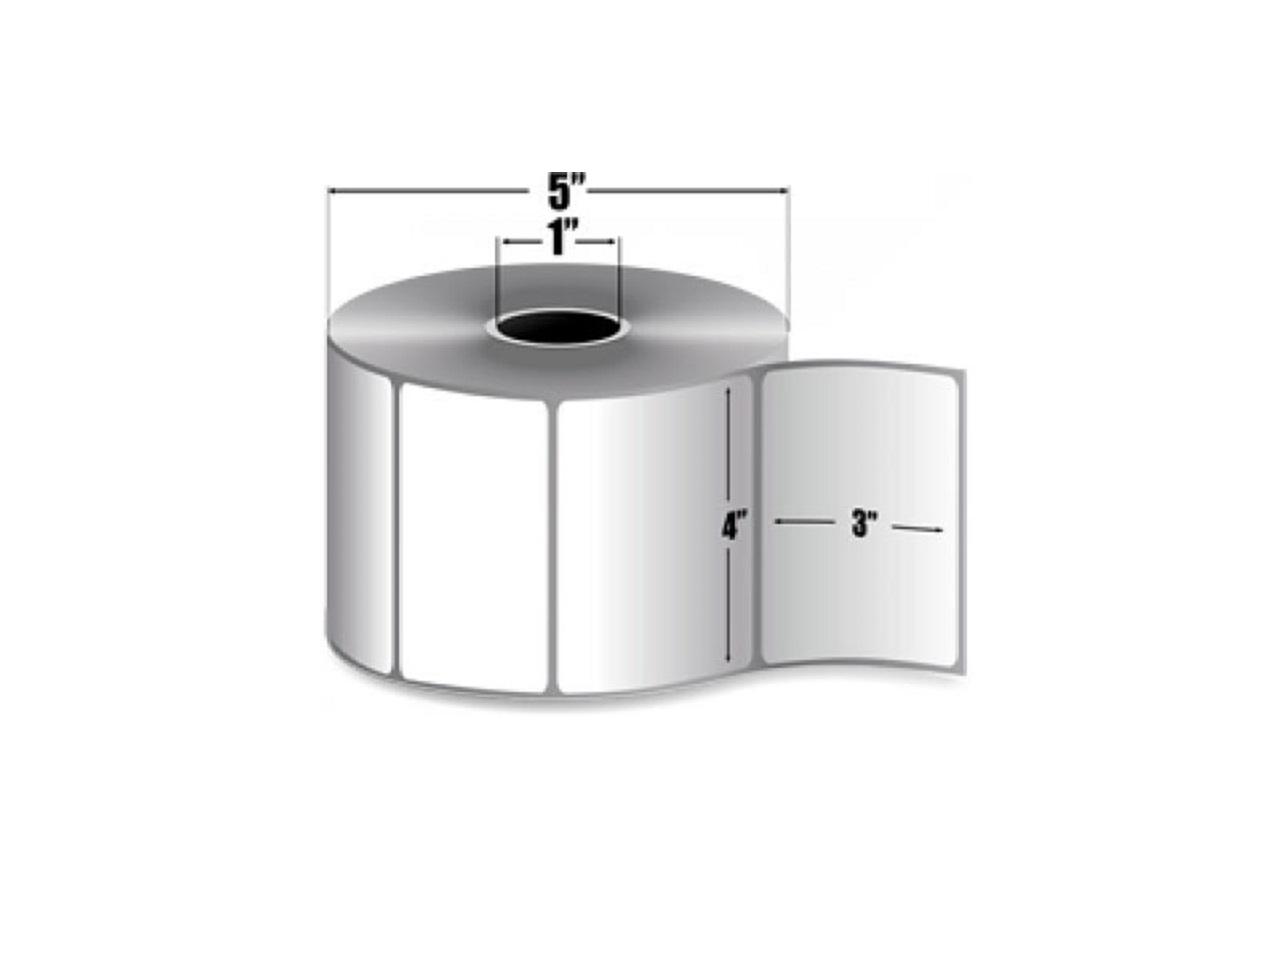 Zebra Genuine Z-Select 4000D Direct Thermal Label White Paper 930/Roll 4x3 Zebra 12-Pack 10015344